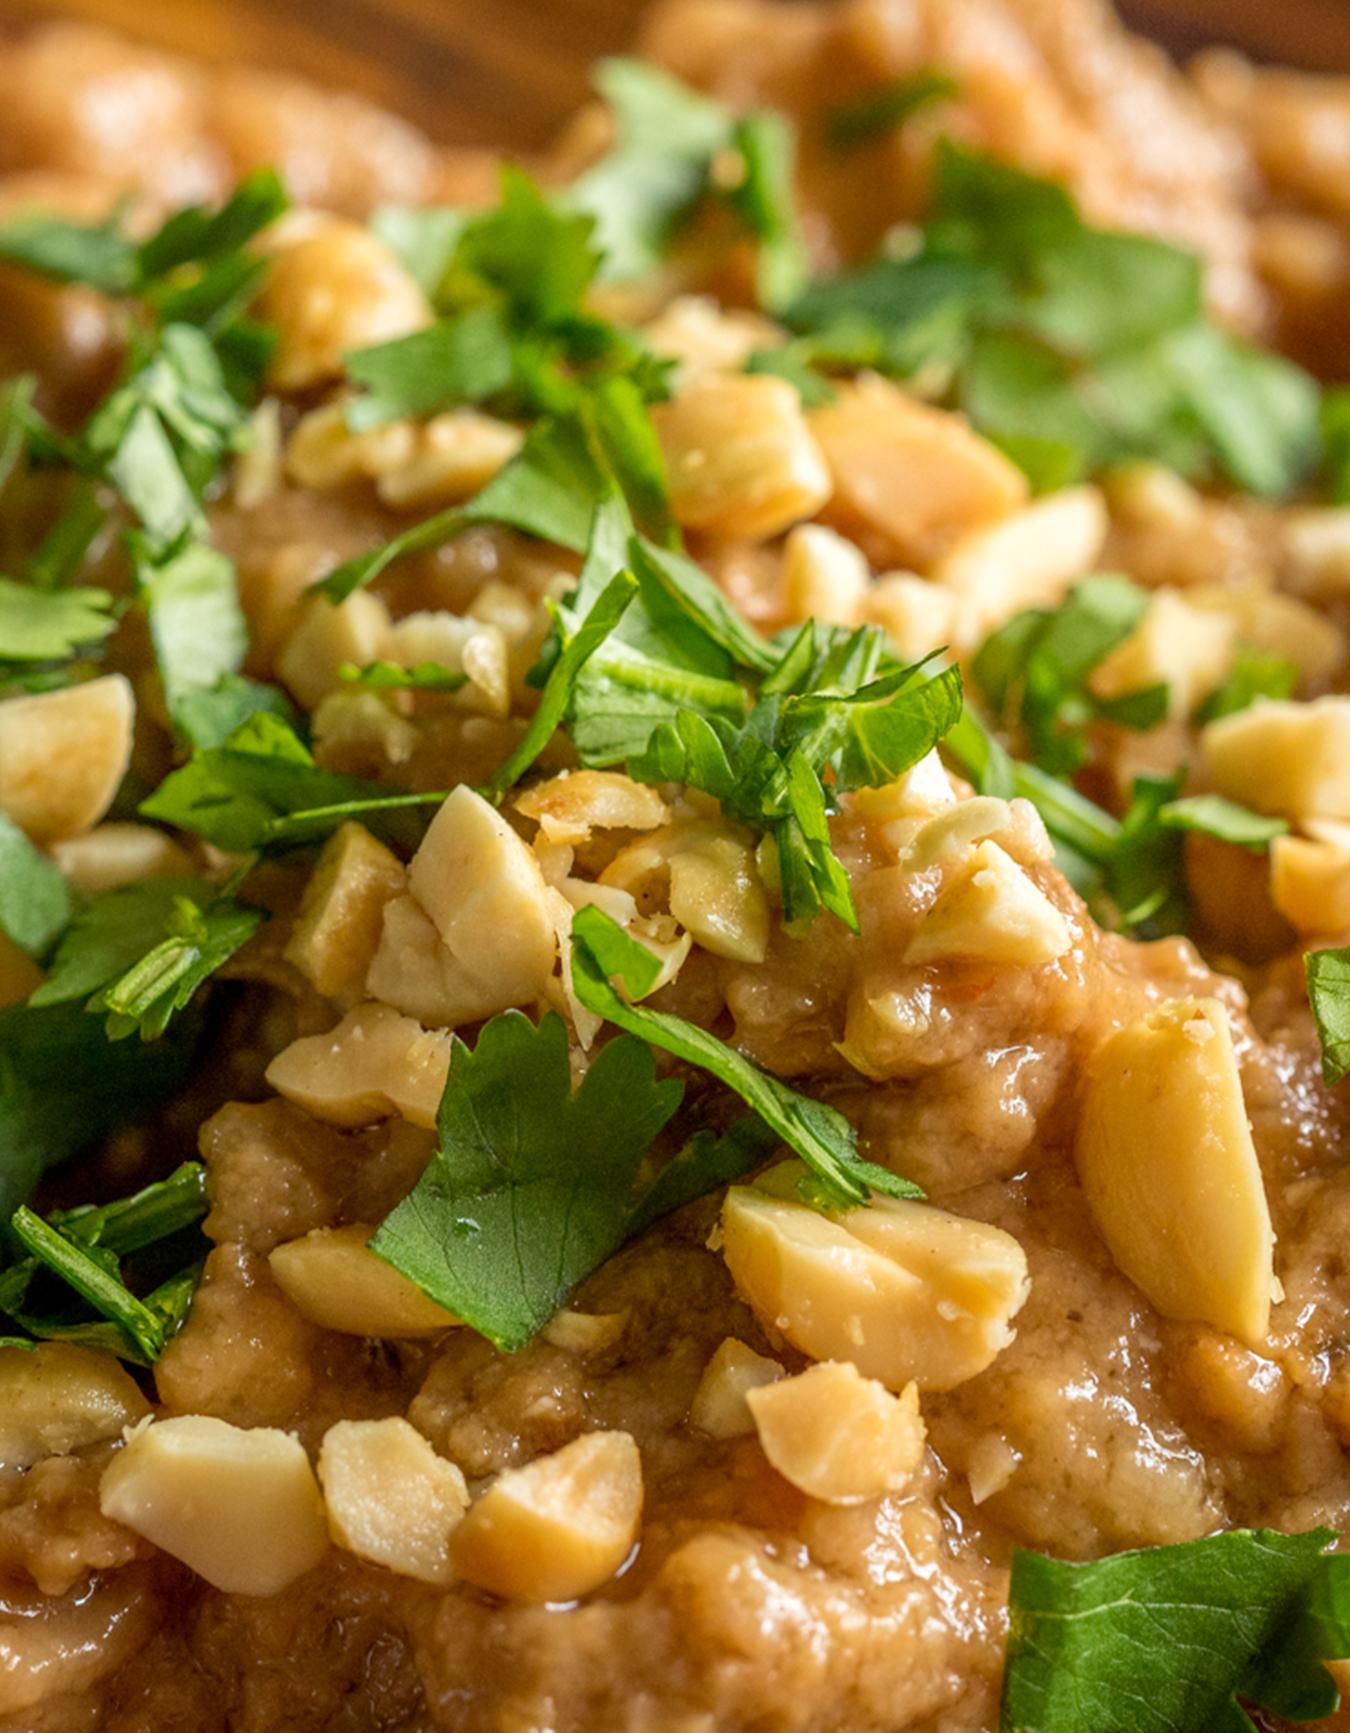 Slow Cooker Thai Peanut Chicken Vertical 2